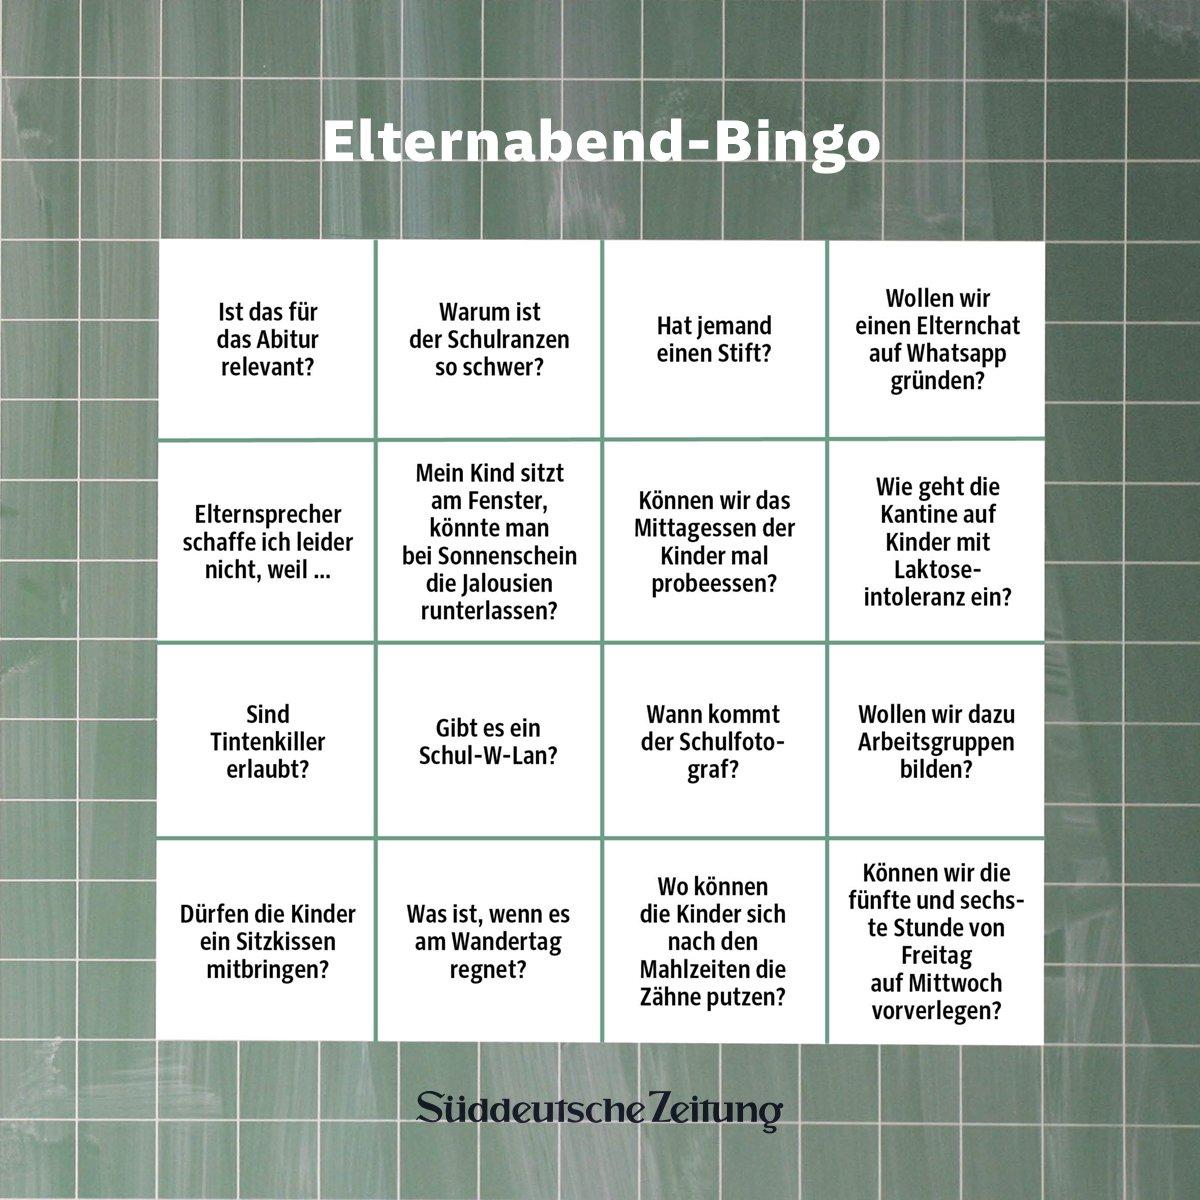 Beim Elternabend sagen die immer gleichen Leute die immer gleichen Sätze. Man kann auf die Phrasen warten und sie durchstreichen, wie beim Bingo-Spiel. #Elternabendbingo https://t.co/DqEJWutLzM